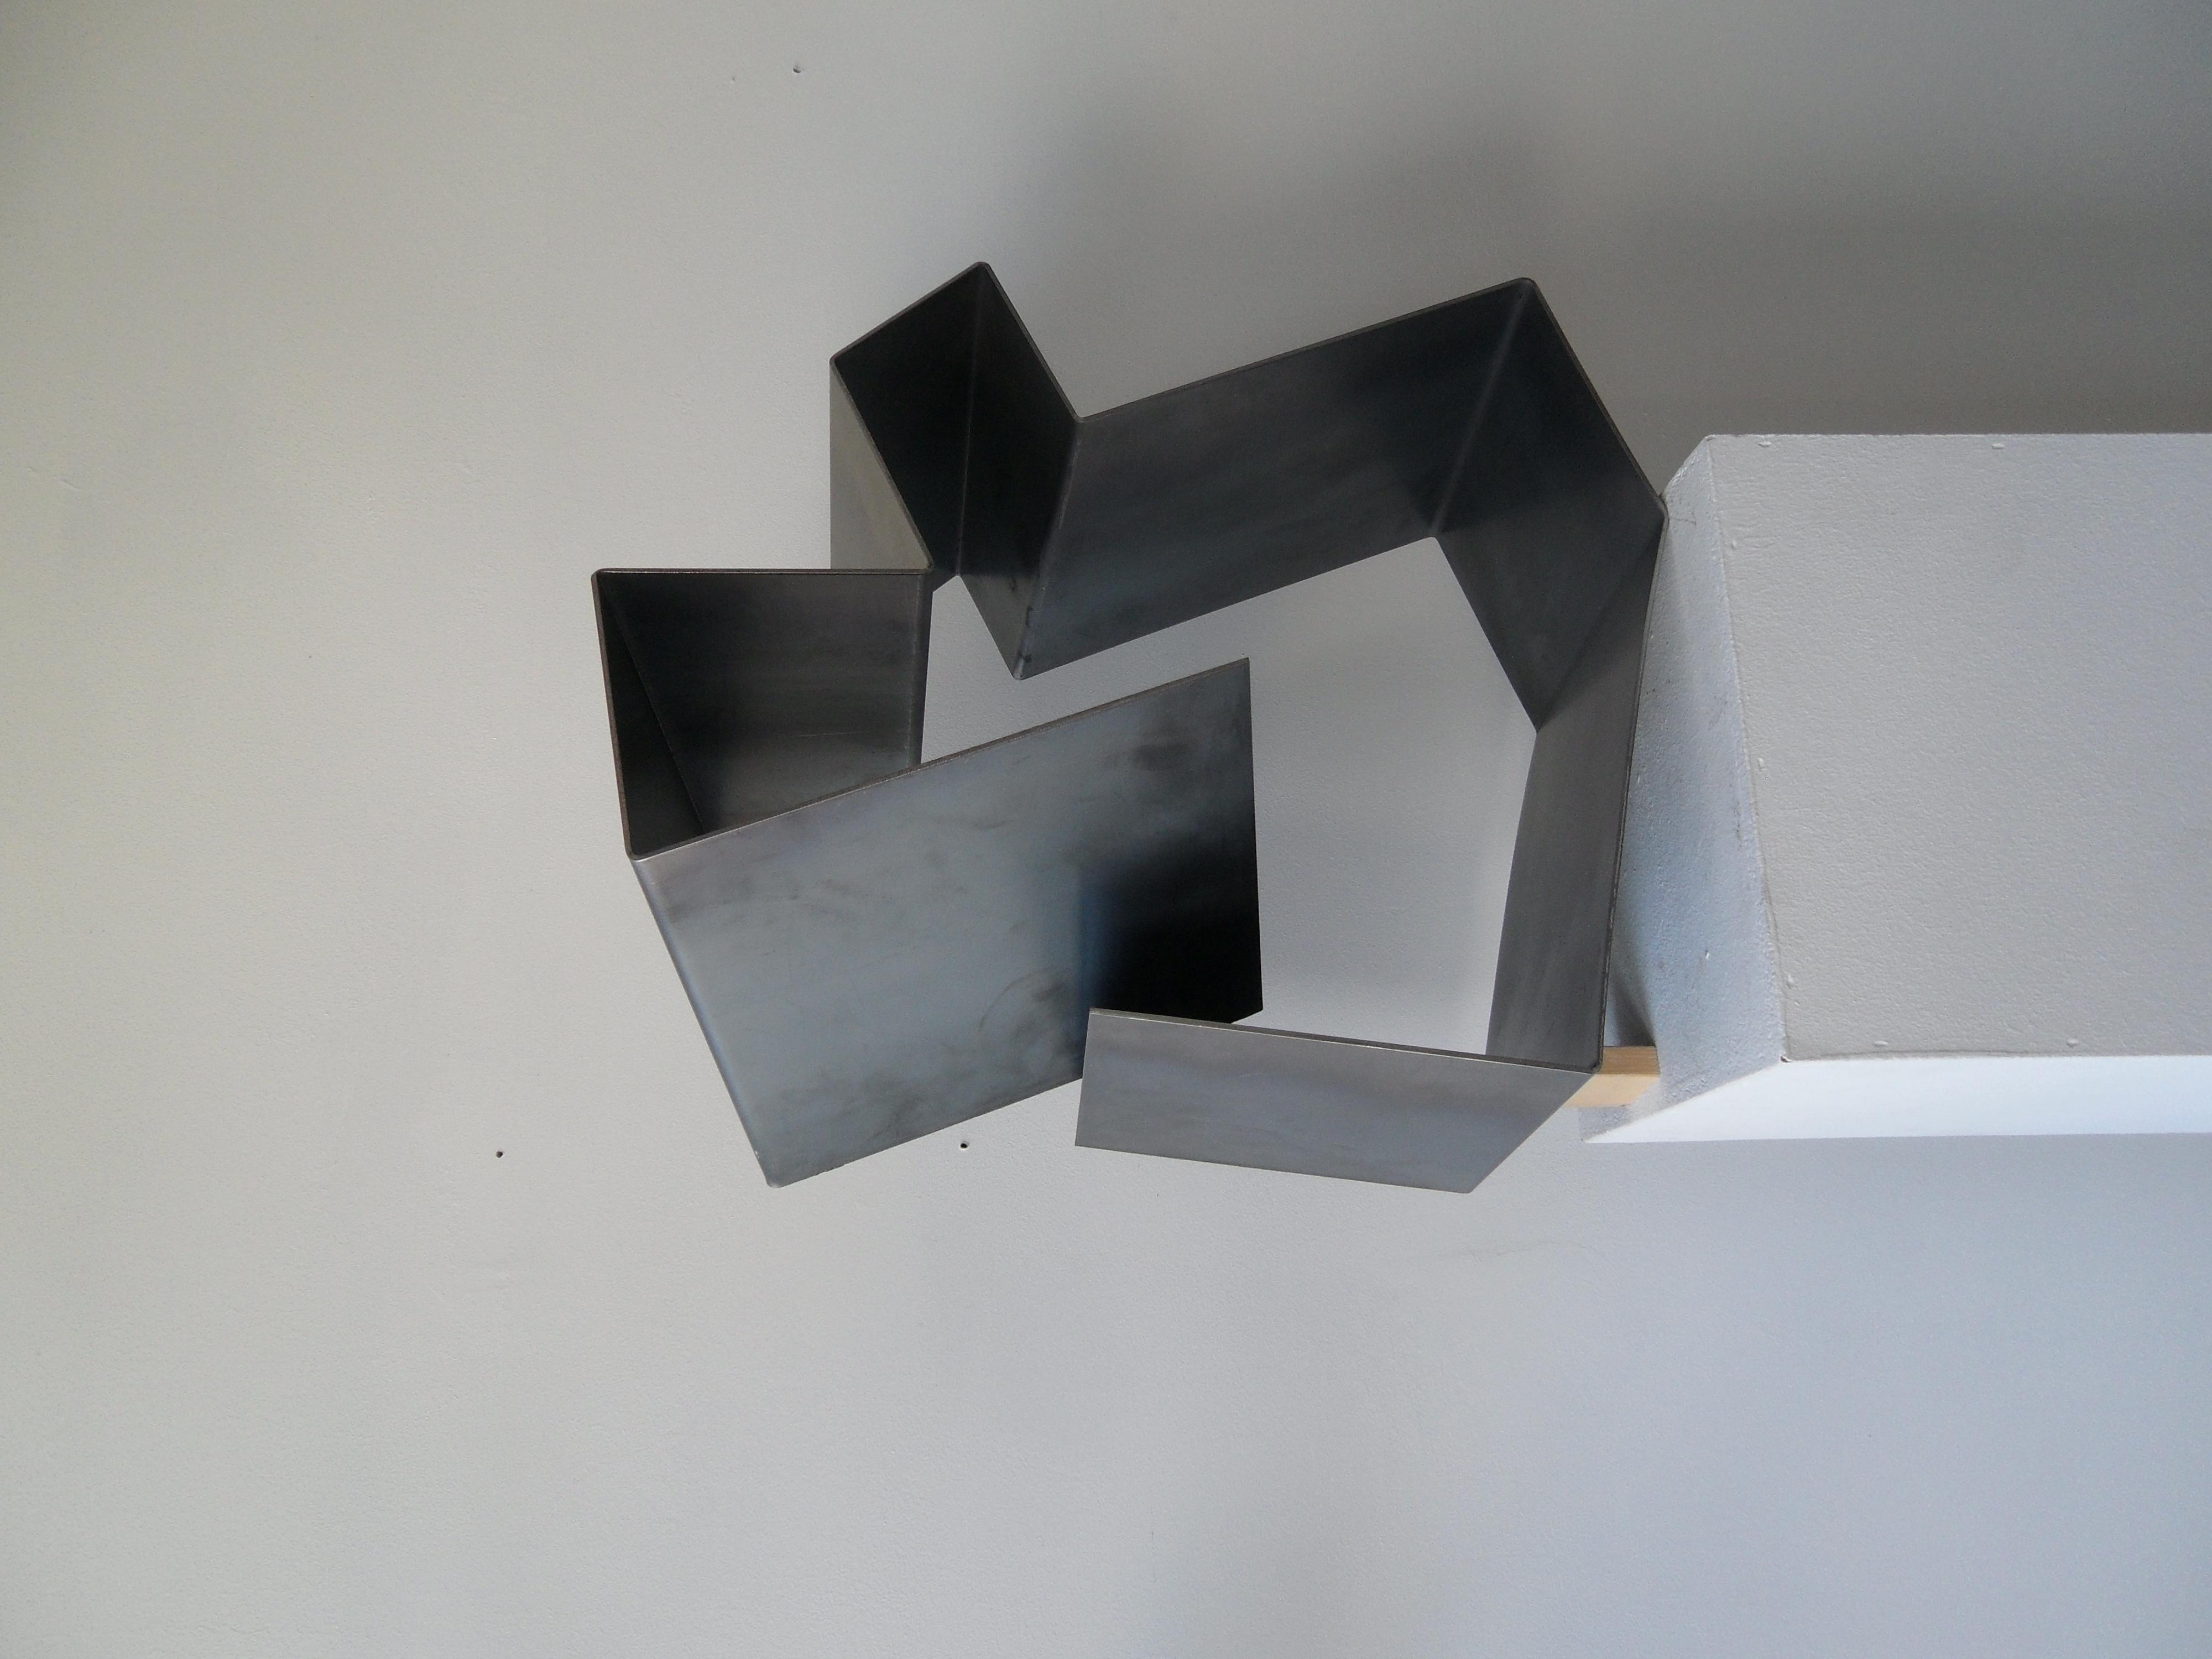 Stahlfaltungen